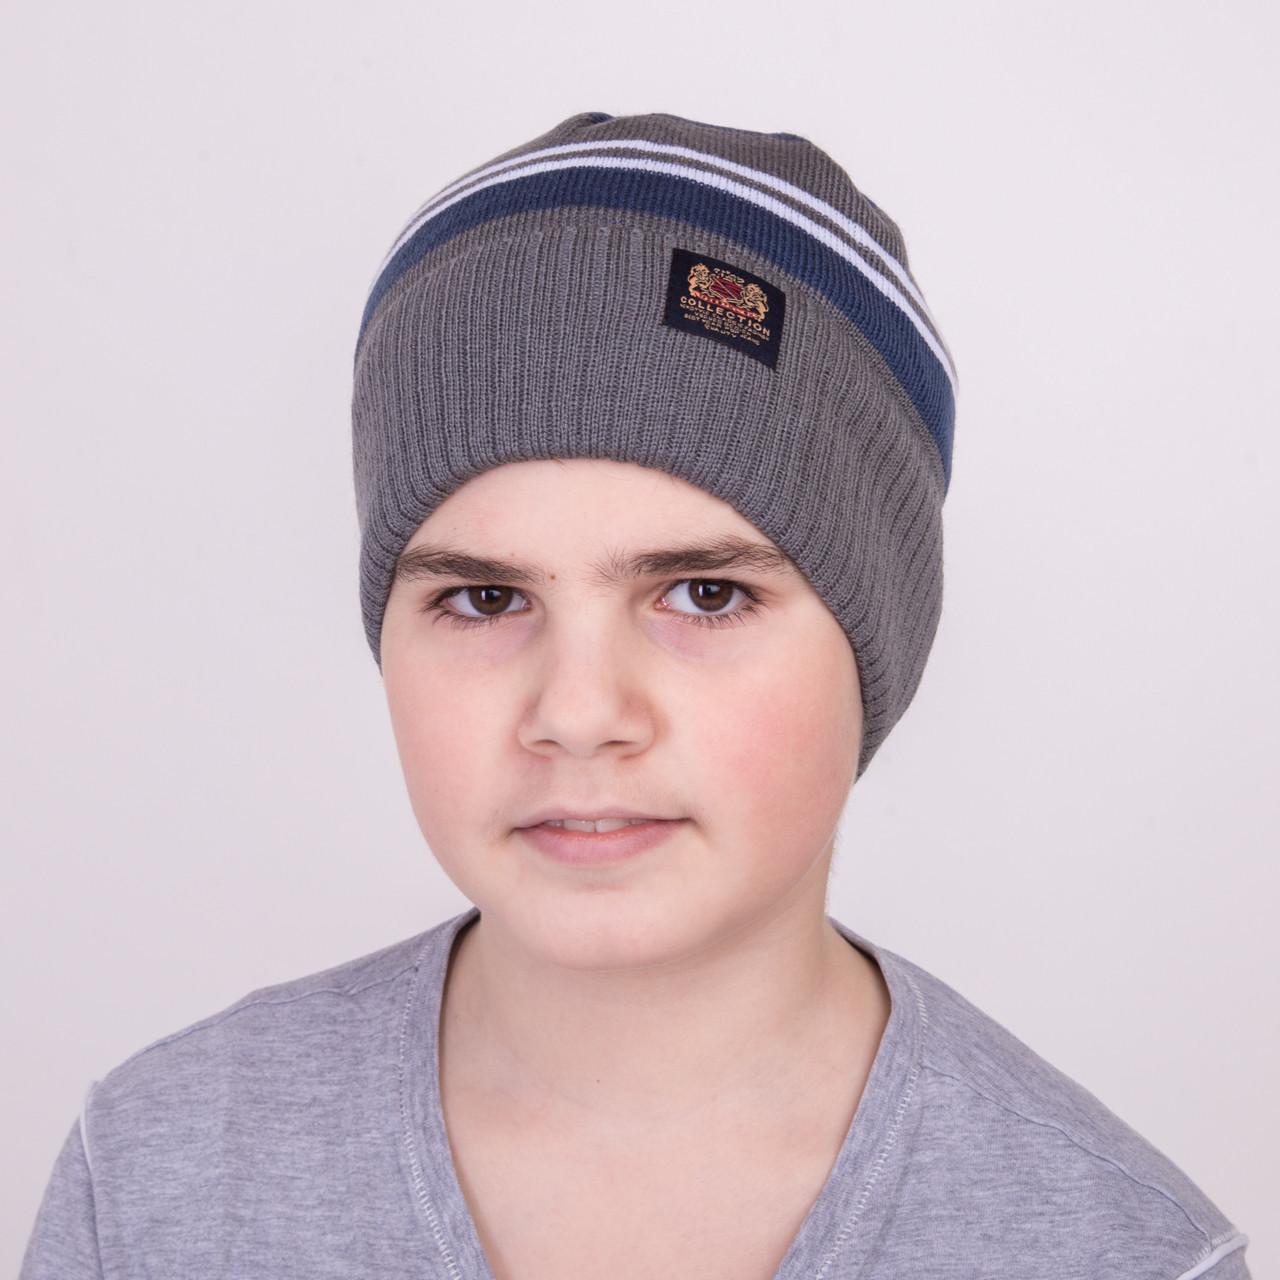 Весенняя шапка для мальчика от производителя - Collection - Арт 1191